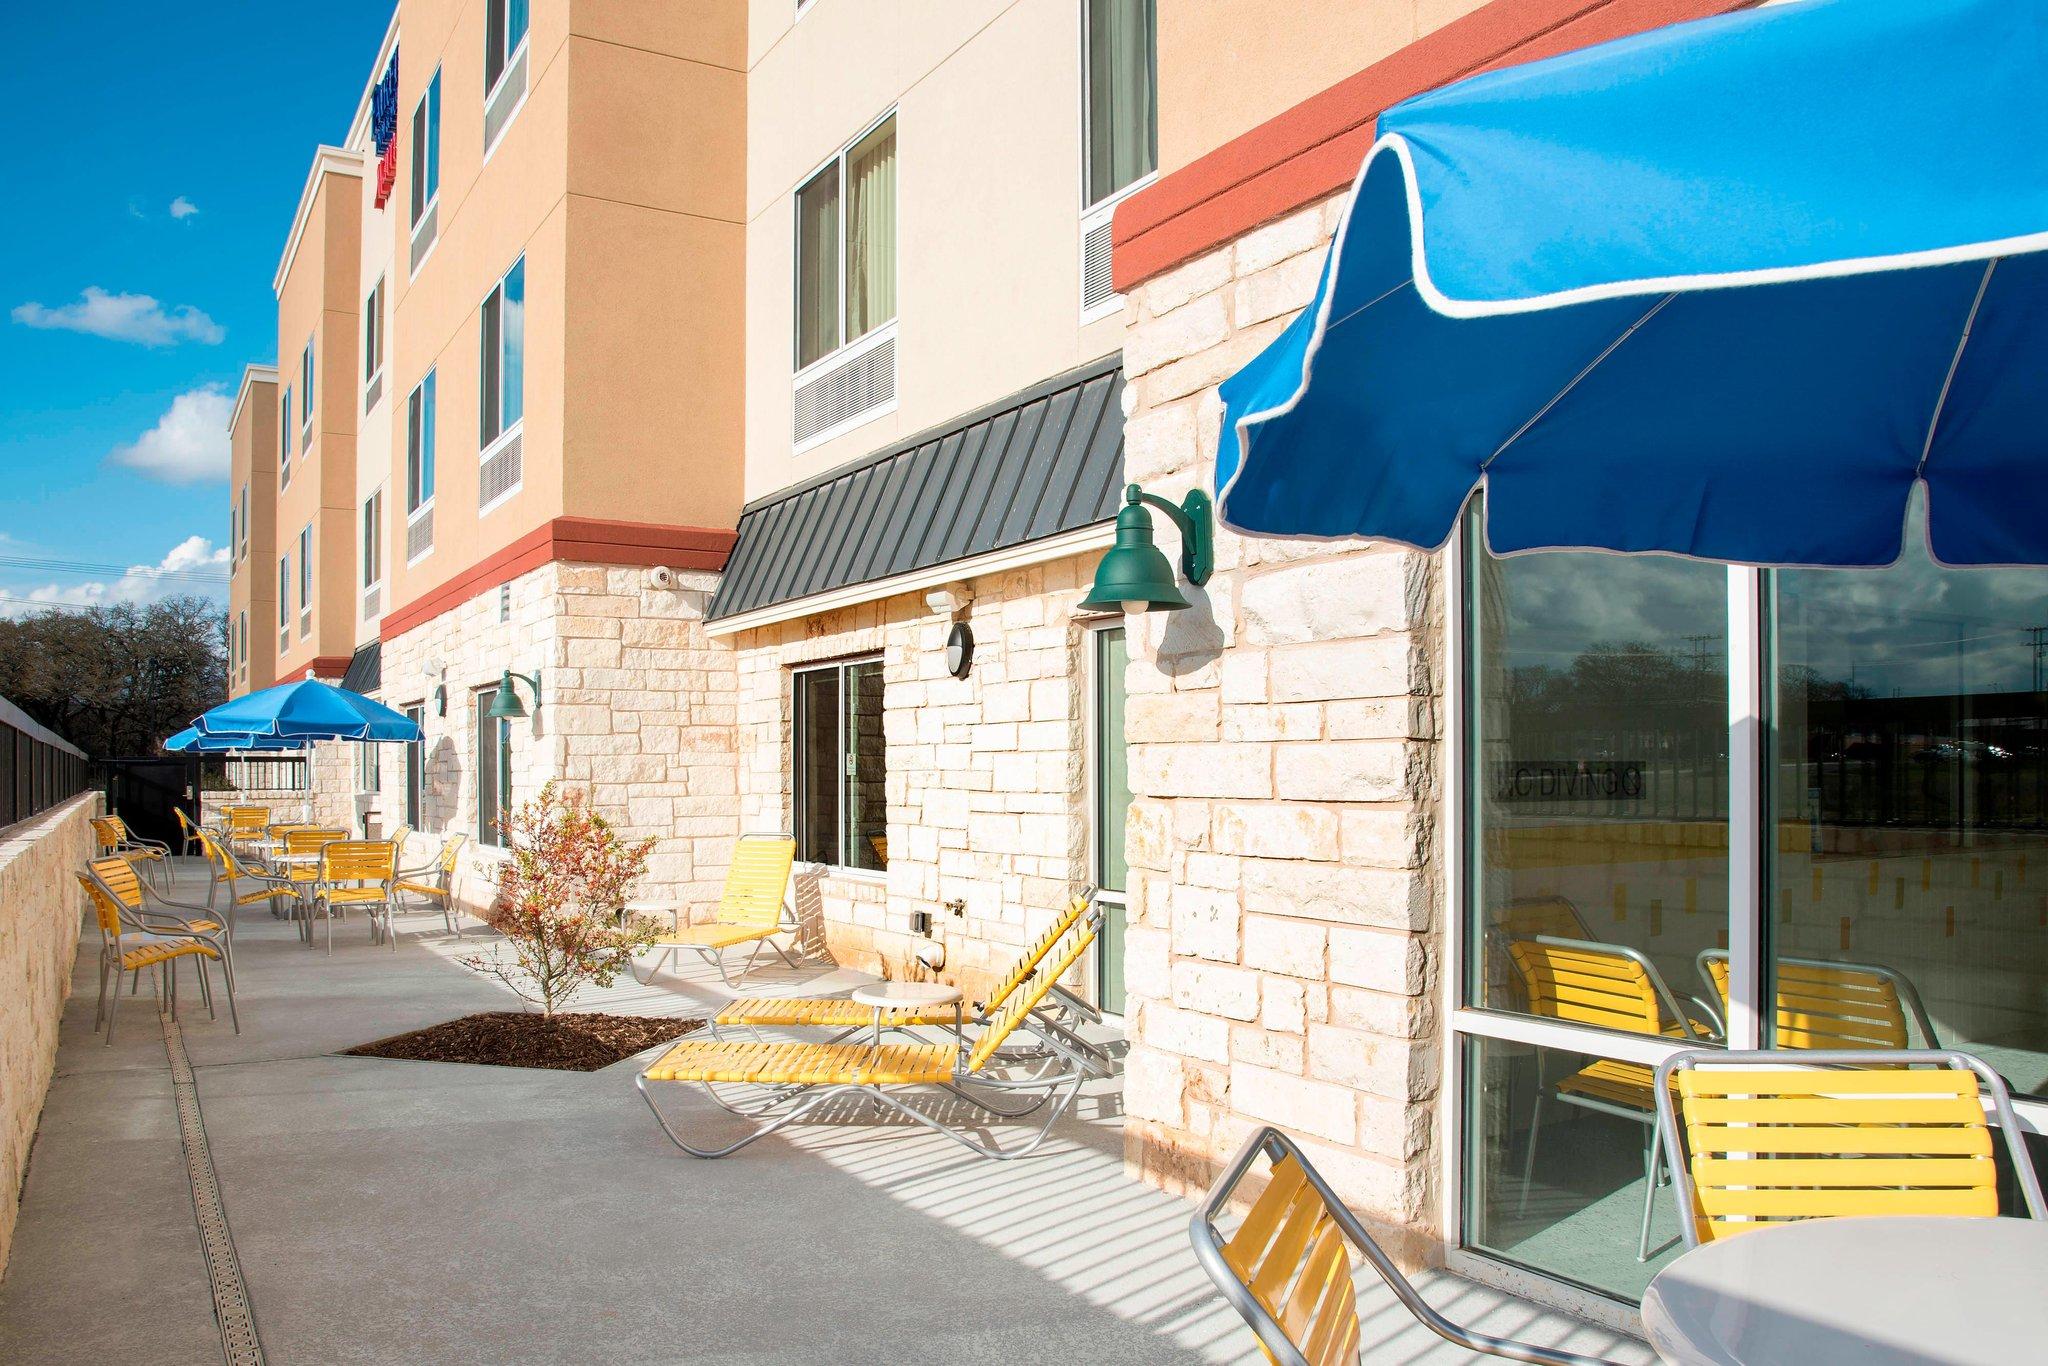 Fairfield Inn and Suites by Marriott Fredericksburg